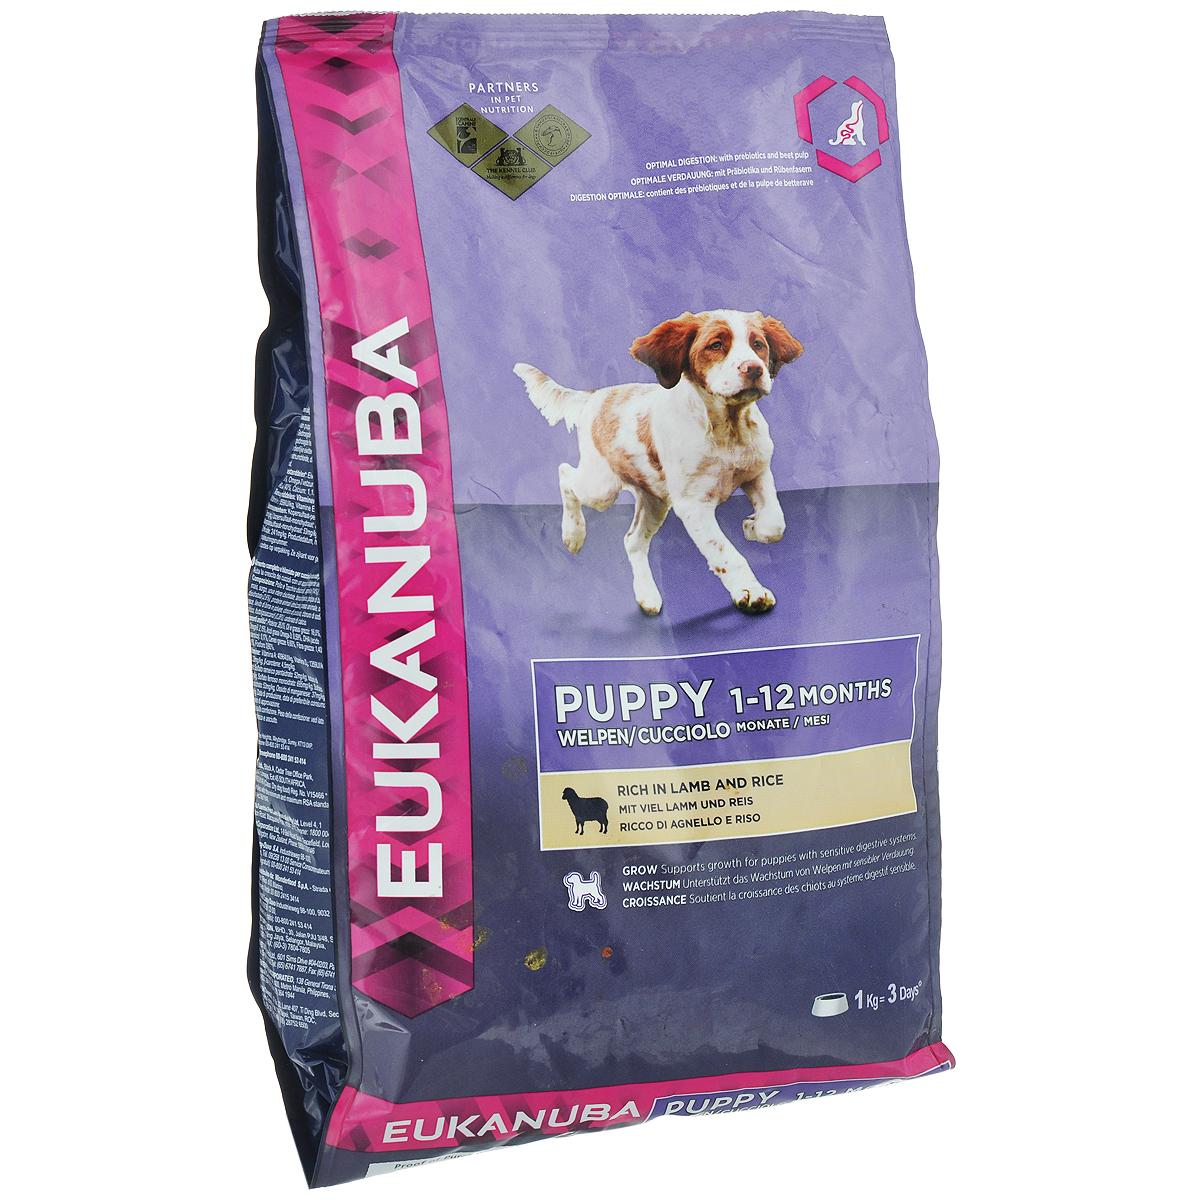 Корм сухой Eukanuba для щенков всех пород, с ягненком и рисом, 2,5 кг81387987Сухой корм Eukanuba является полноценным сбалансированным питанием для щенков всех пород. Корм Eukanuba заботится о здоровье вашего любимца. Особенности корма Eukanuba: - благодаря большому содержанию мяса ягненка содействует построению и сохранению мускулатуры для наилучшей физической формы; - важный антиоксидант поддерживает естественную защиту организма вашего щенка; - пребиотики и пульпа сахарной свеклы способствуют поддержанию здорового пищеварения путем обеспечения нормального функционирования кишечника; - оптимальное соотношение омега-6 и омега-3 жирных кислот помогает укреплять здоровье кожи и шерсти; - кальций способствует укреплению костей; - животные белки способствуют укреплению и поддержанию тонуса мышц; - ДГК стимулирует познавательность и обучаемость щенков. Сухой корм Eukanuba содержит только натуральные компоненты, которые необходимы для полноценного и здорового питания домашних животных. Корма от...